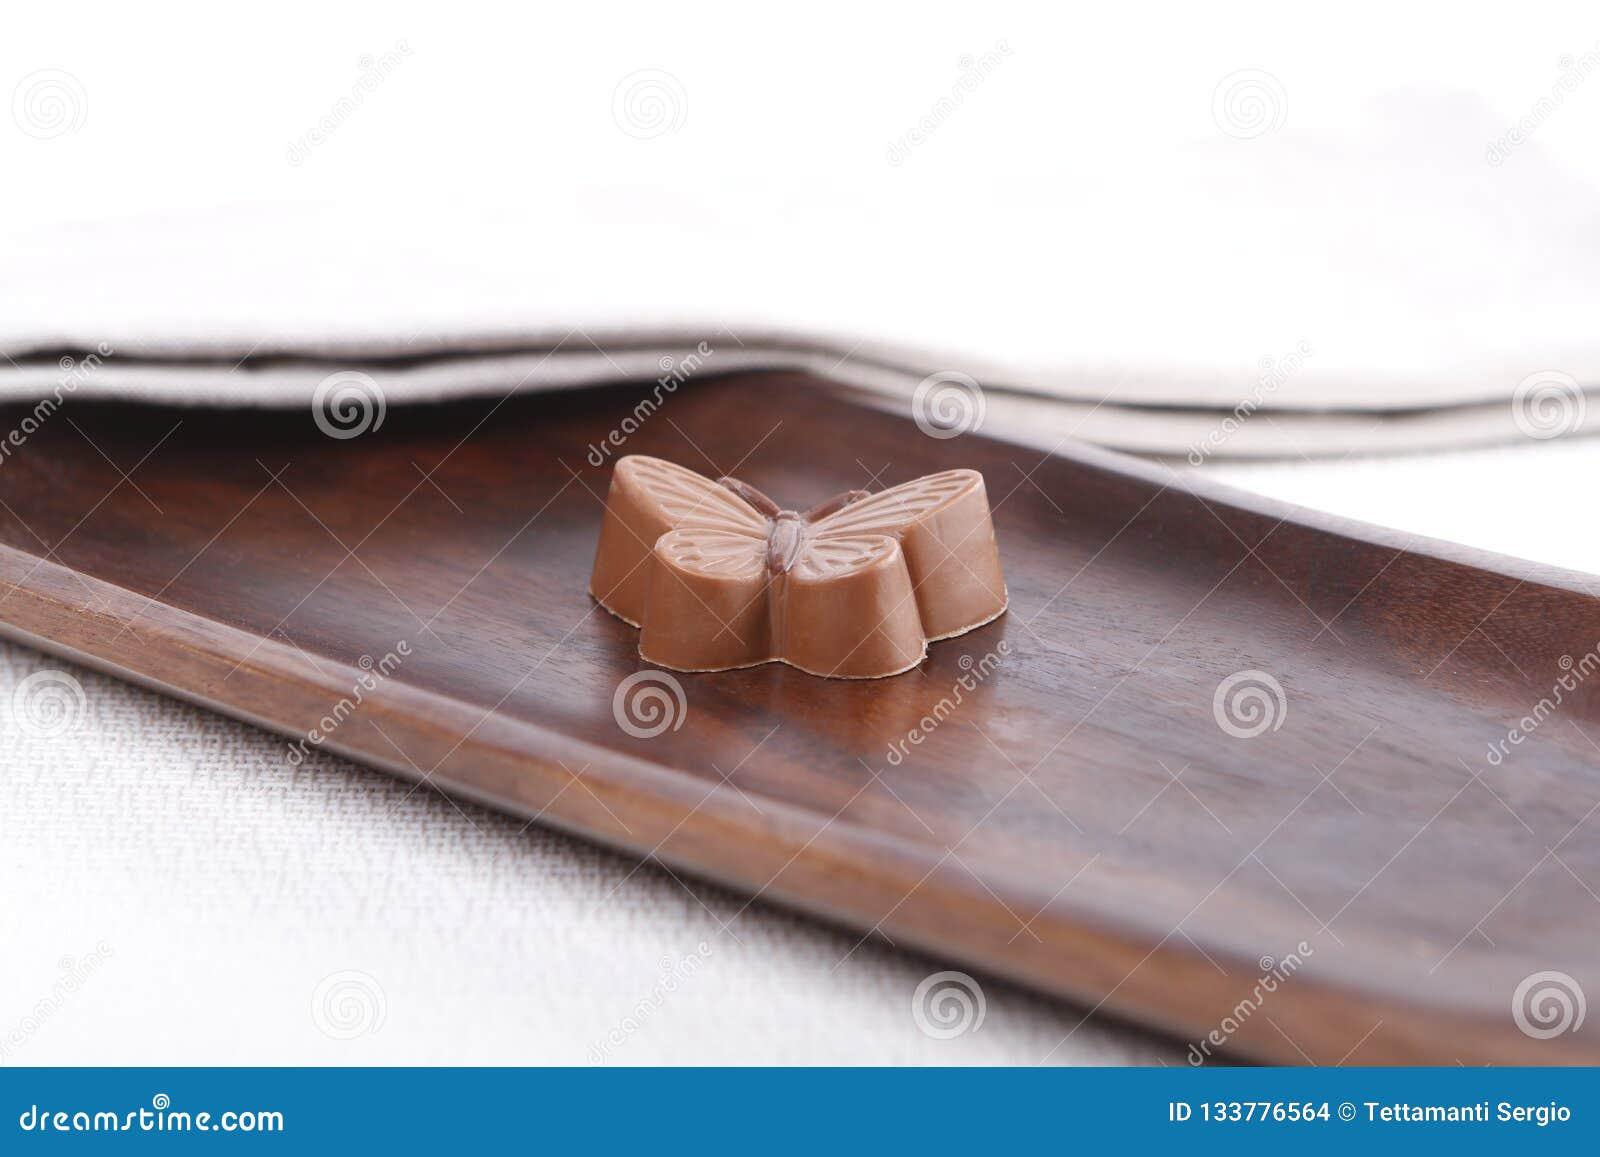 Pralina su un bordo di legno